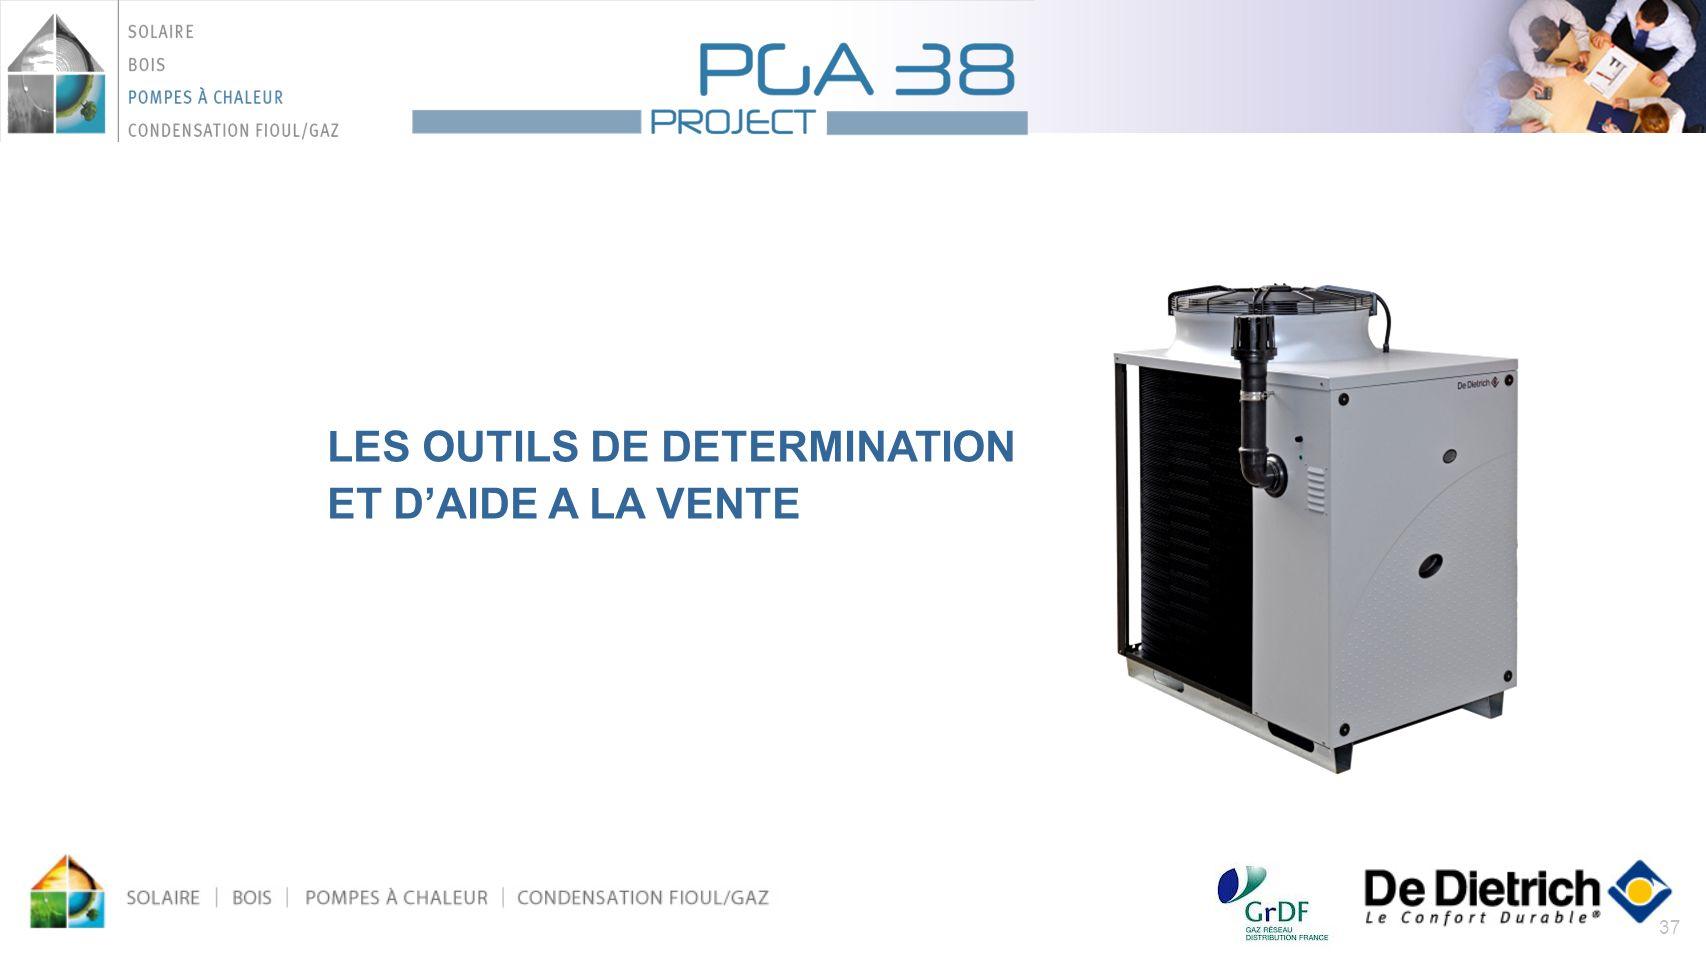 LES OUTILS DE DETERMINATION